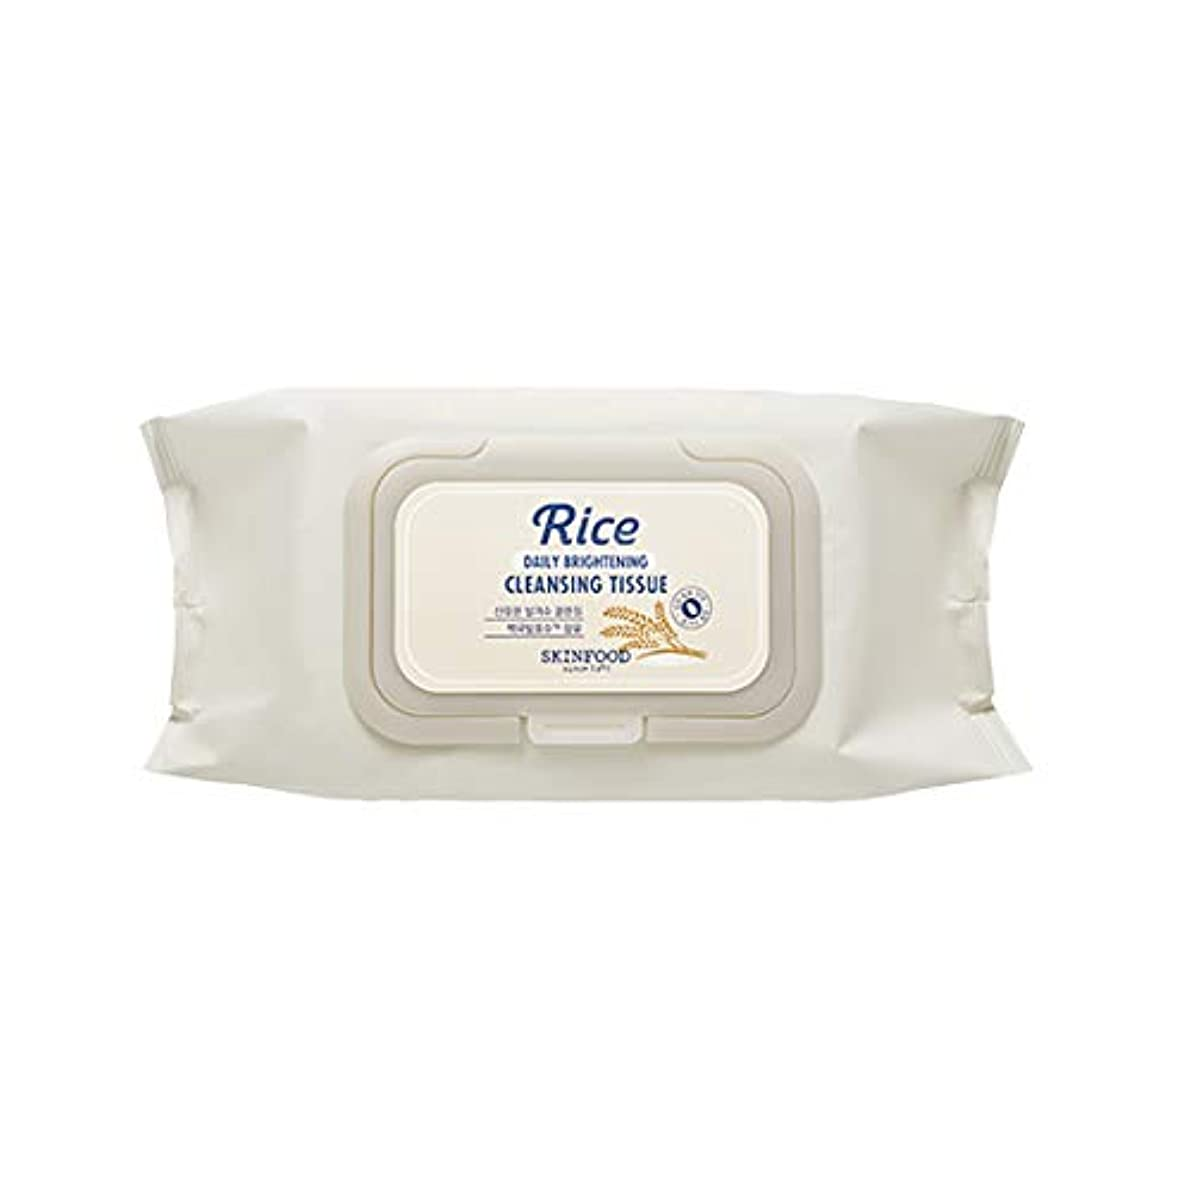 悔い改め嵐振るSkinfood/Rice Daily Brightening Cleansing Tissue/ライスデイリーブライトニングクレンジングティッシュ/380ml [並行輸入品]